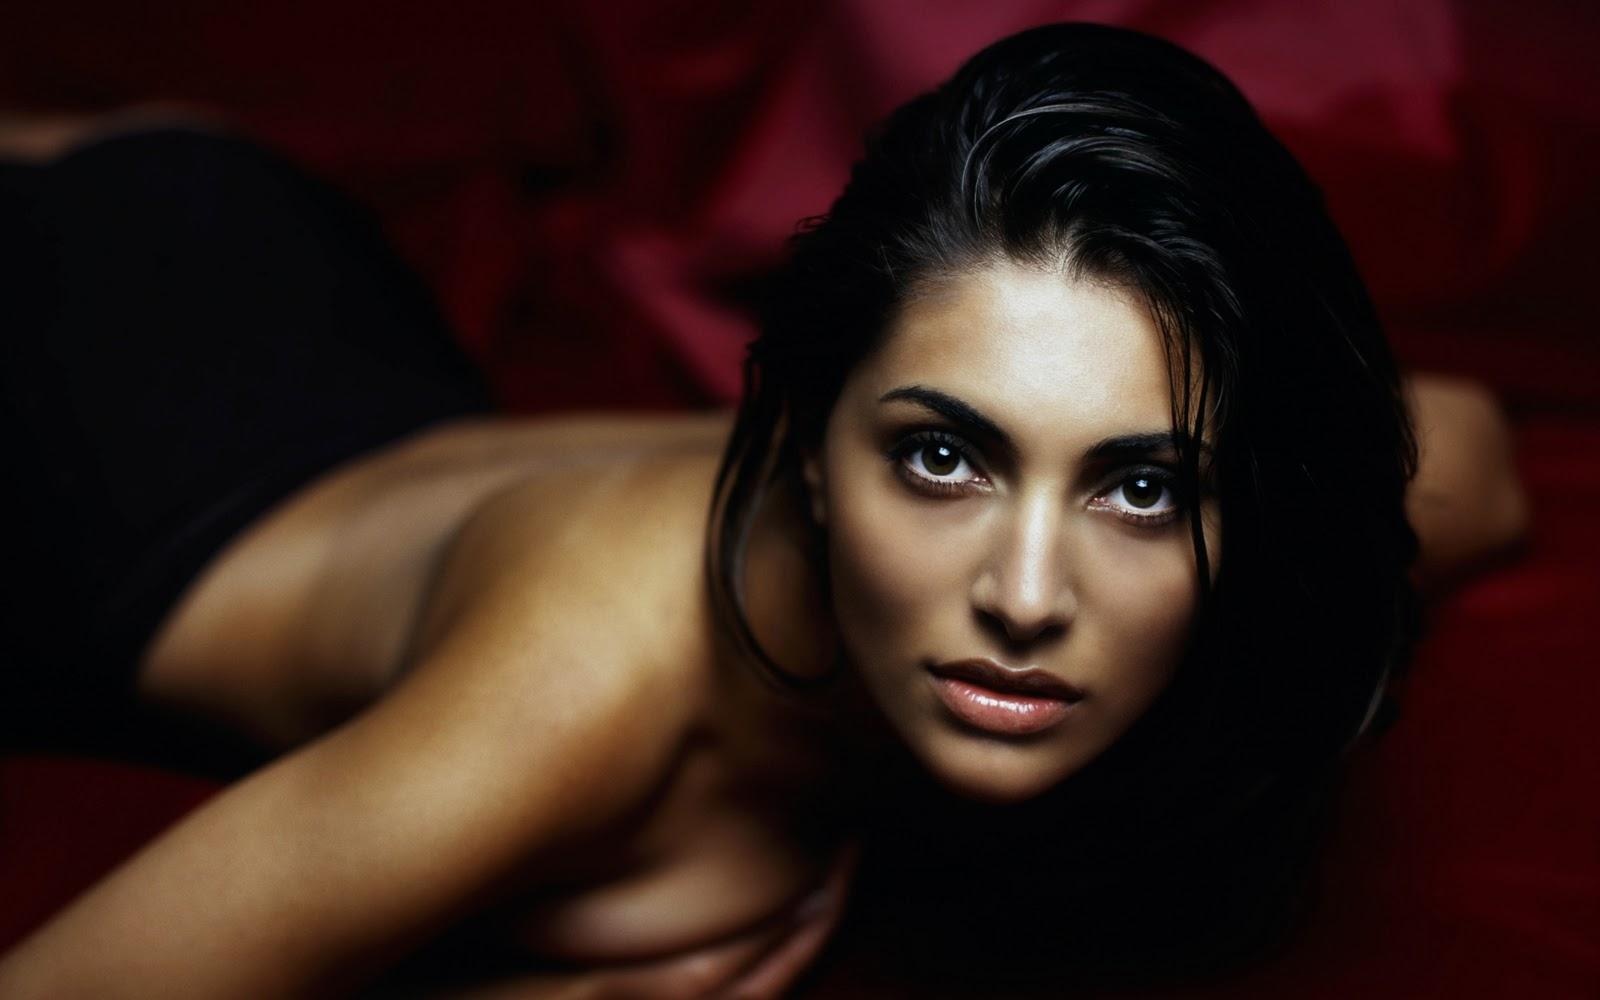 http://1.bp.blogspot.com/_GCAuqodmOE4/TK18xlBZuRI/AAAAAAAADOY/y5nfqdNdZXs/s1600/Sexy+Italian+Actress+Caterina+Murino+Photos+%284%29.jpg